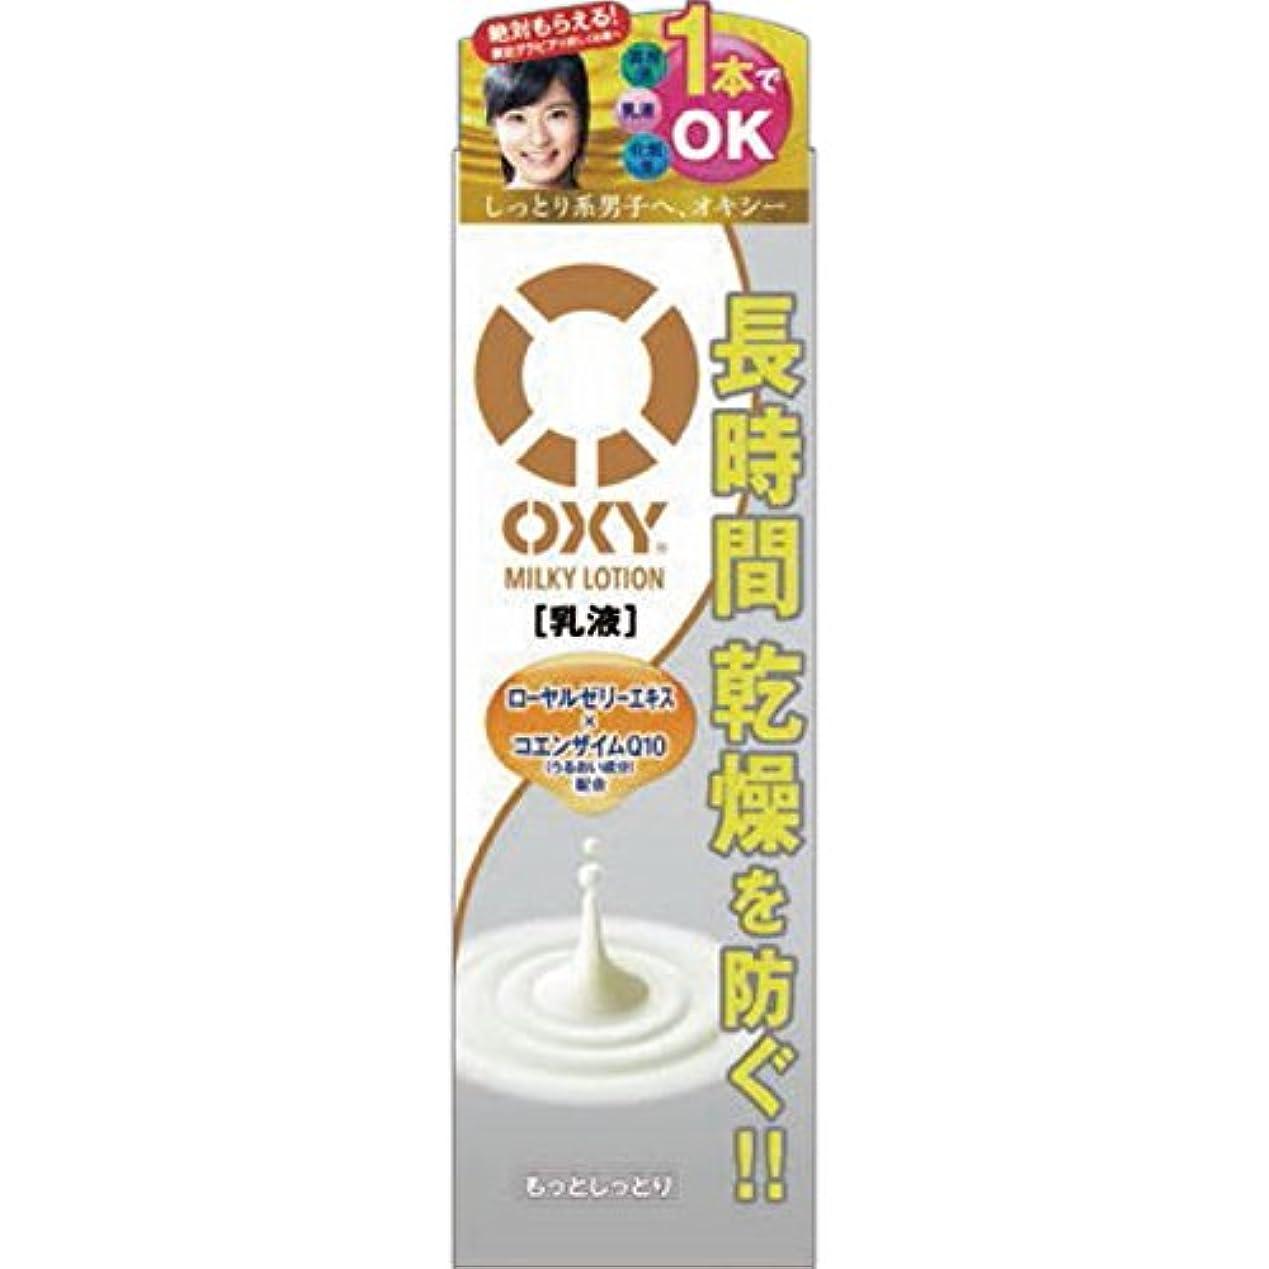 主流ネイティブ証人オキシー (Oxy) ミルキーローション オールインワン乳液 スーパーヒアルロン酸×ローヤルゼリー配合 ゼラニウムの香 170mL